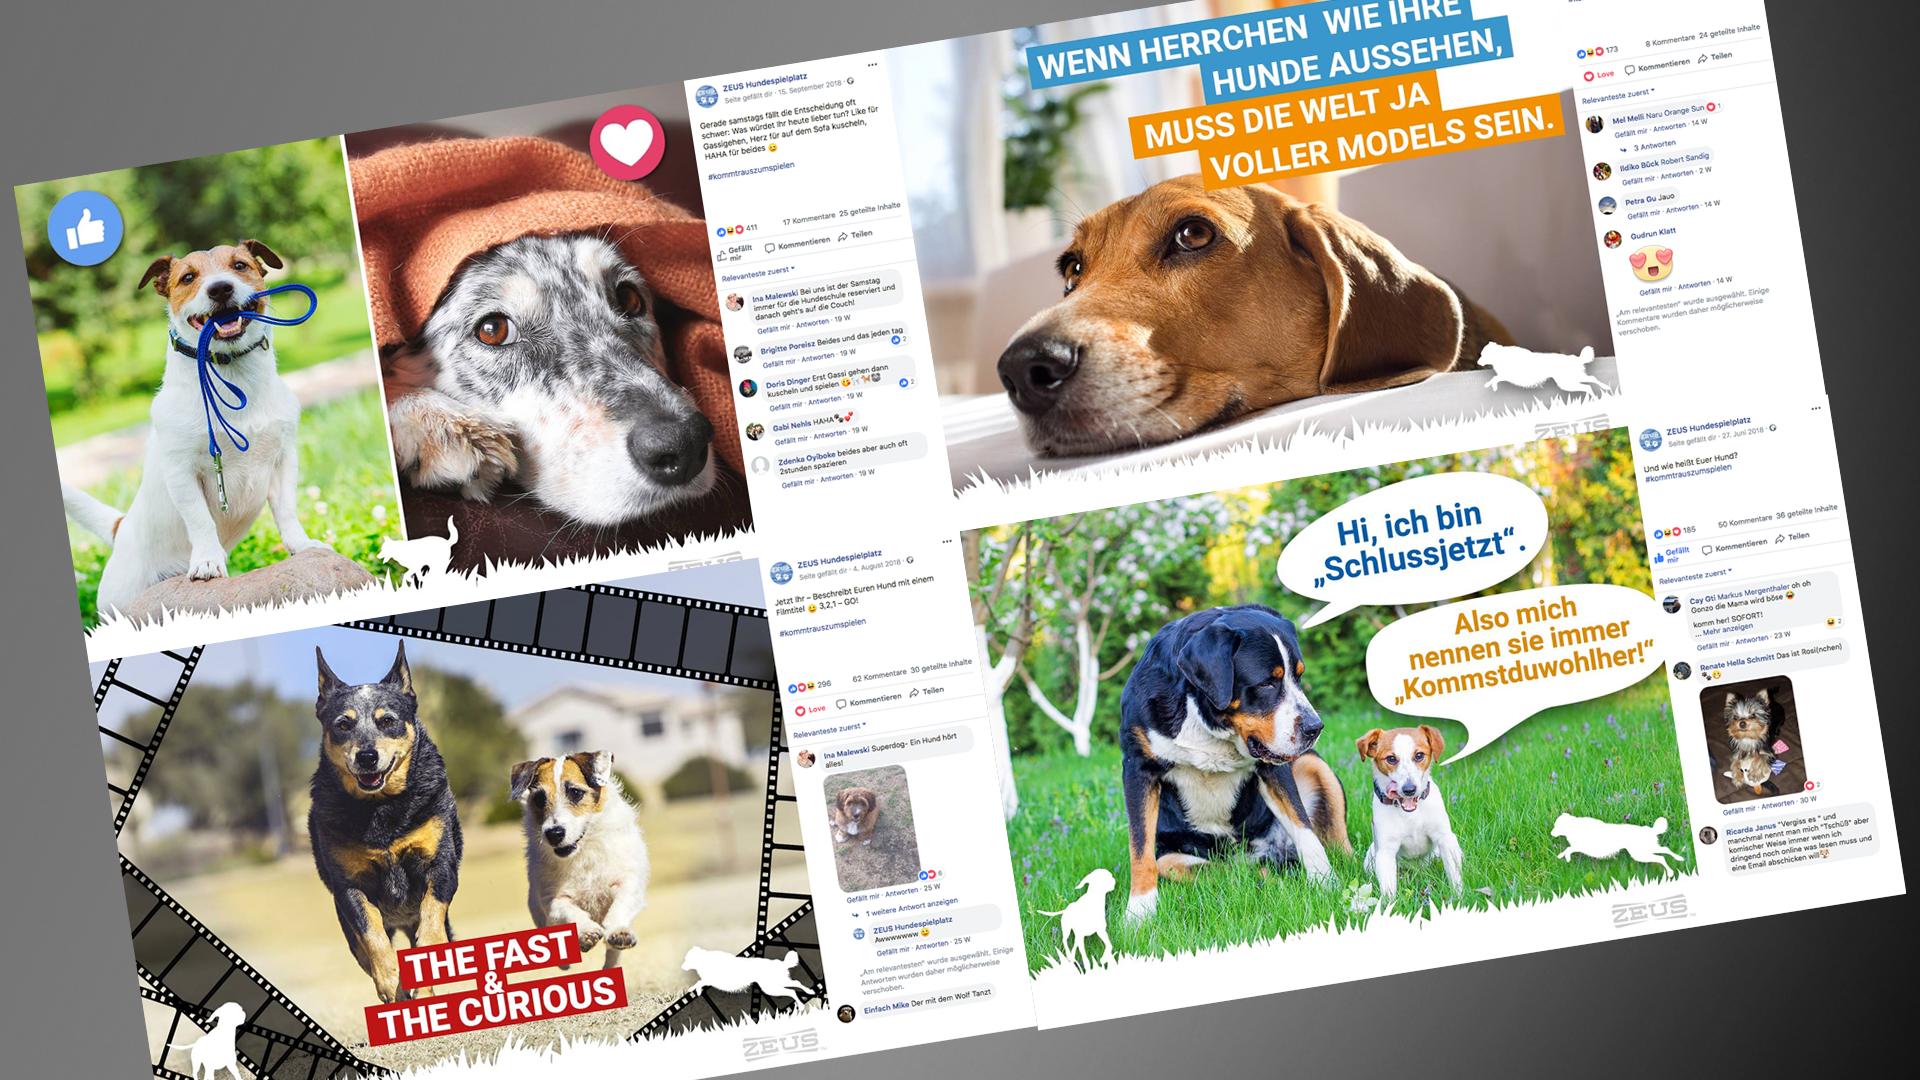 Nach einem Jahr auf Facebook spielen über 2.000 Follower auf dem ZEUS Hundespielplatz.